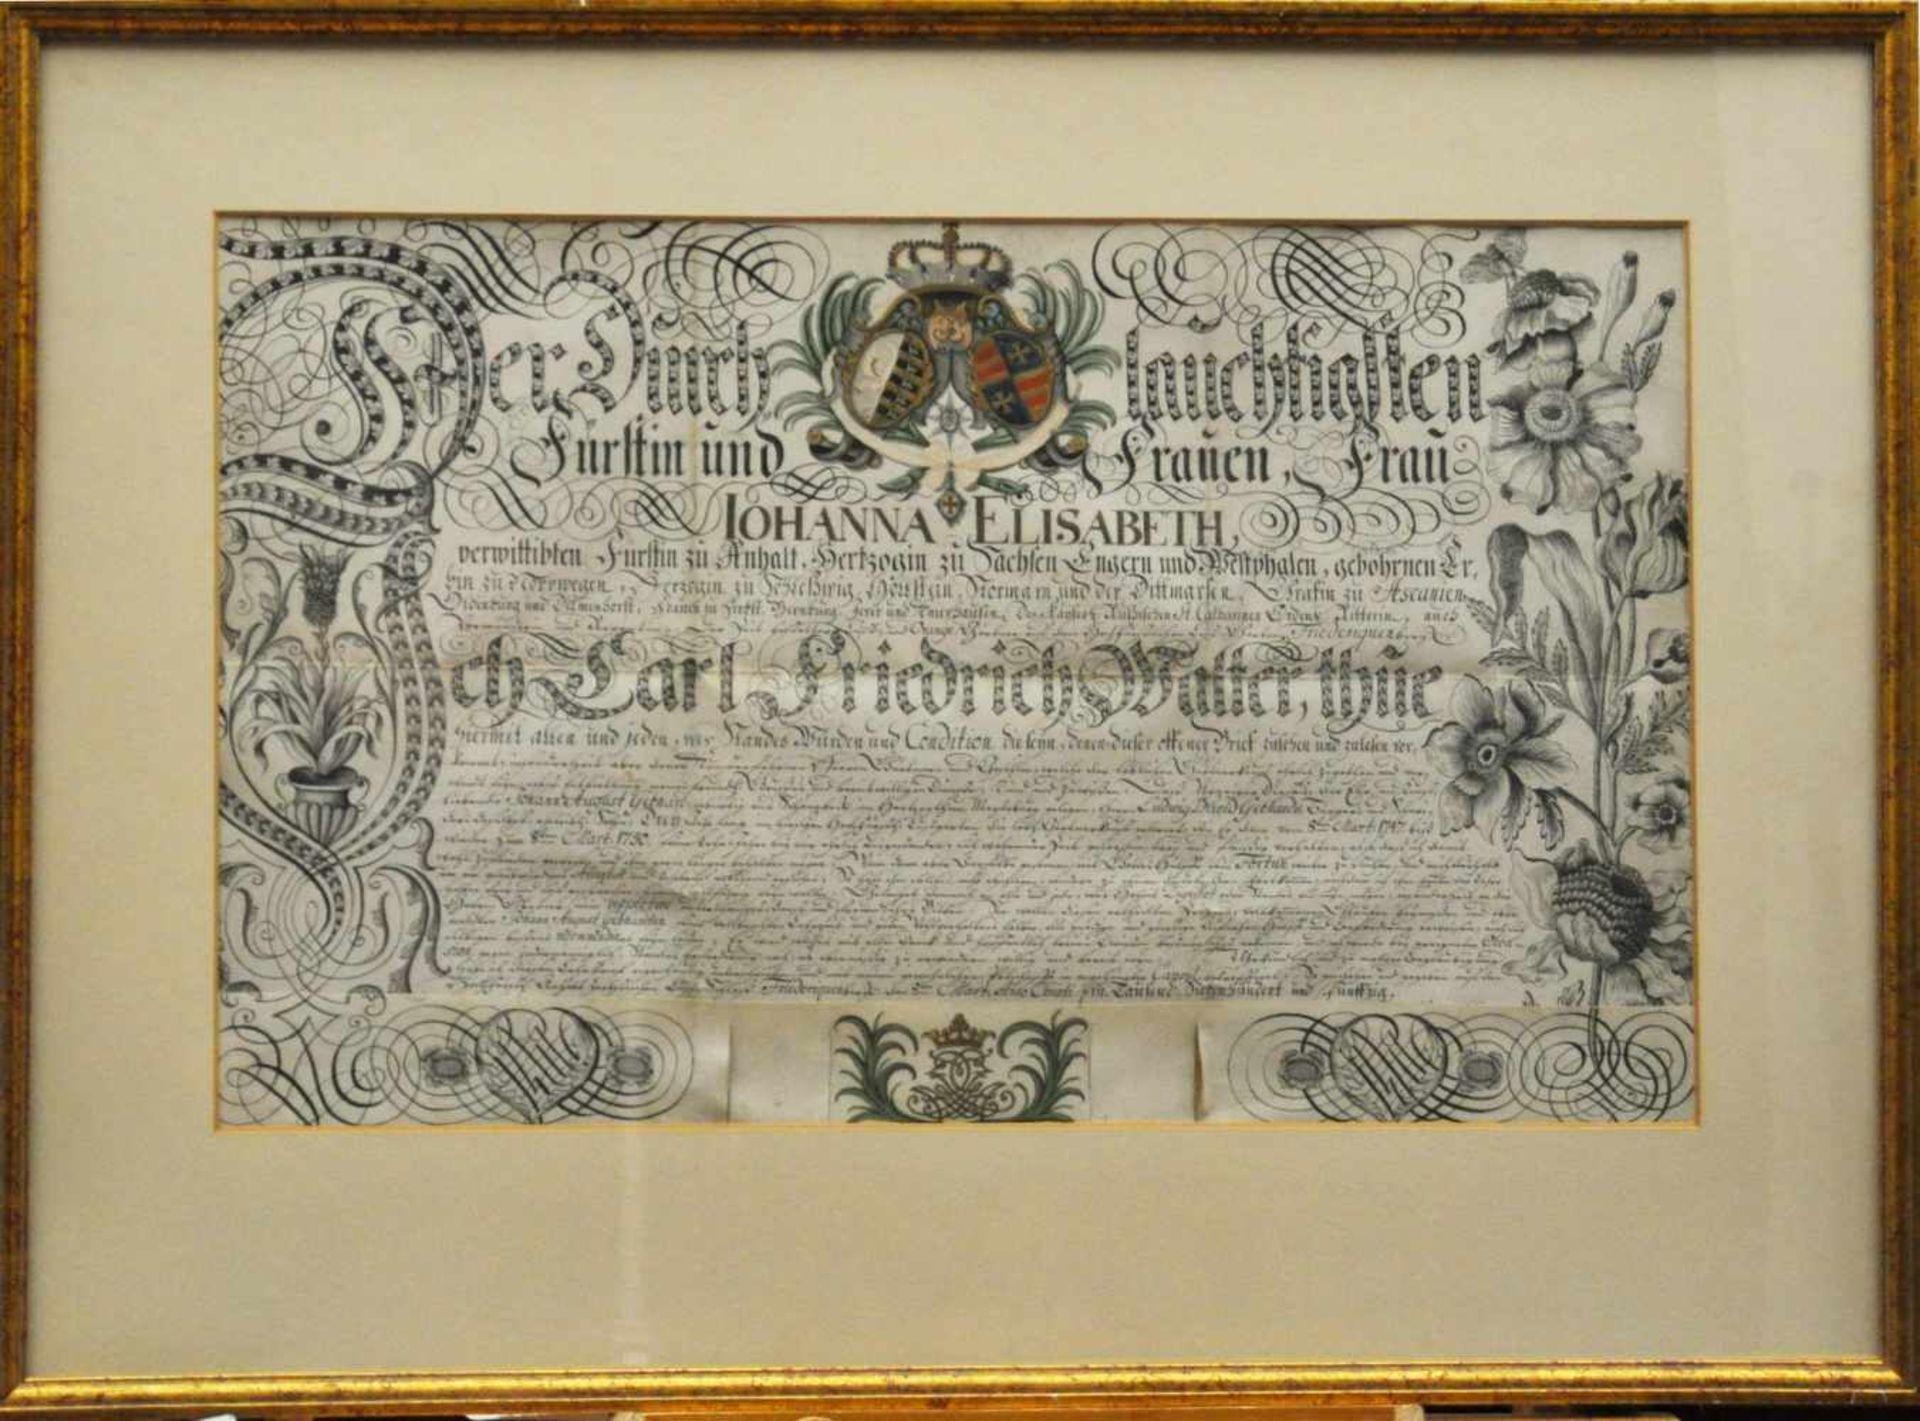 Los 1 - Adelsbrief von 1750,Ernennungsurkunde von Fürstin zu Anhalt für Herrn Ludwig David Gebhards,